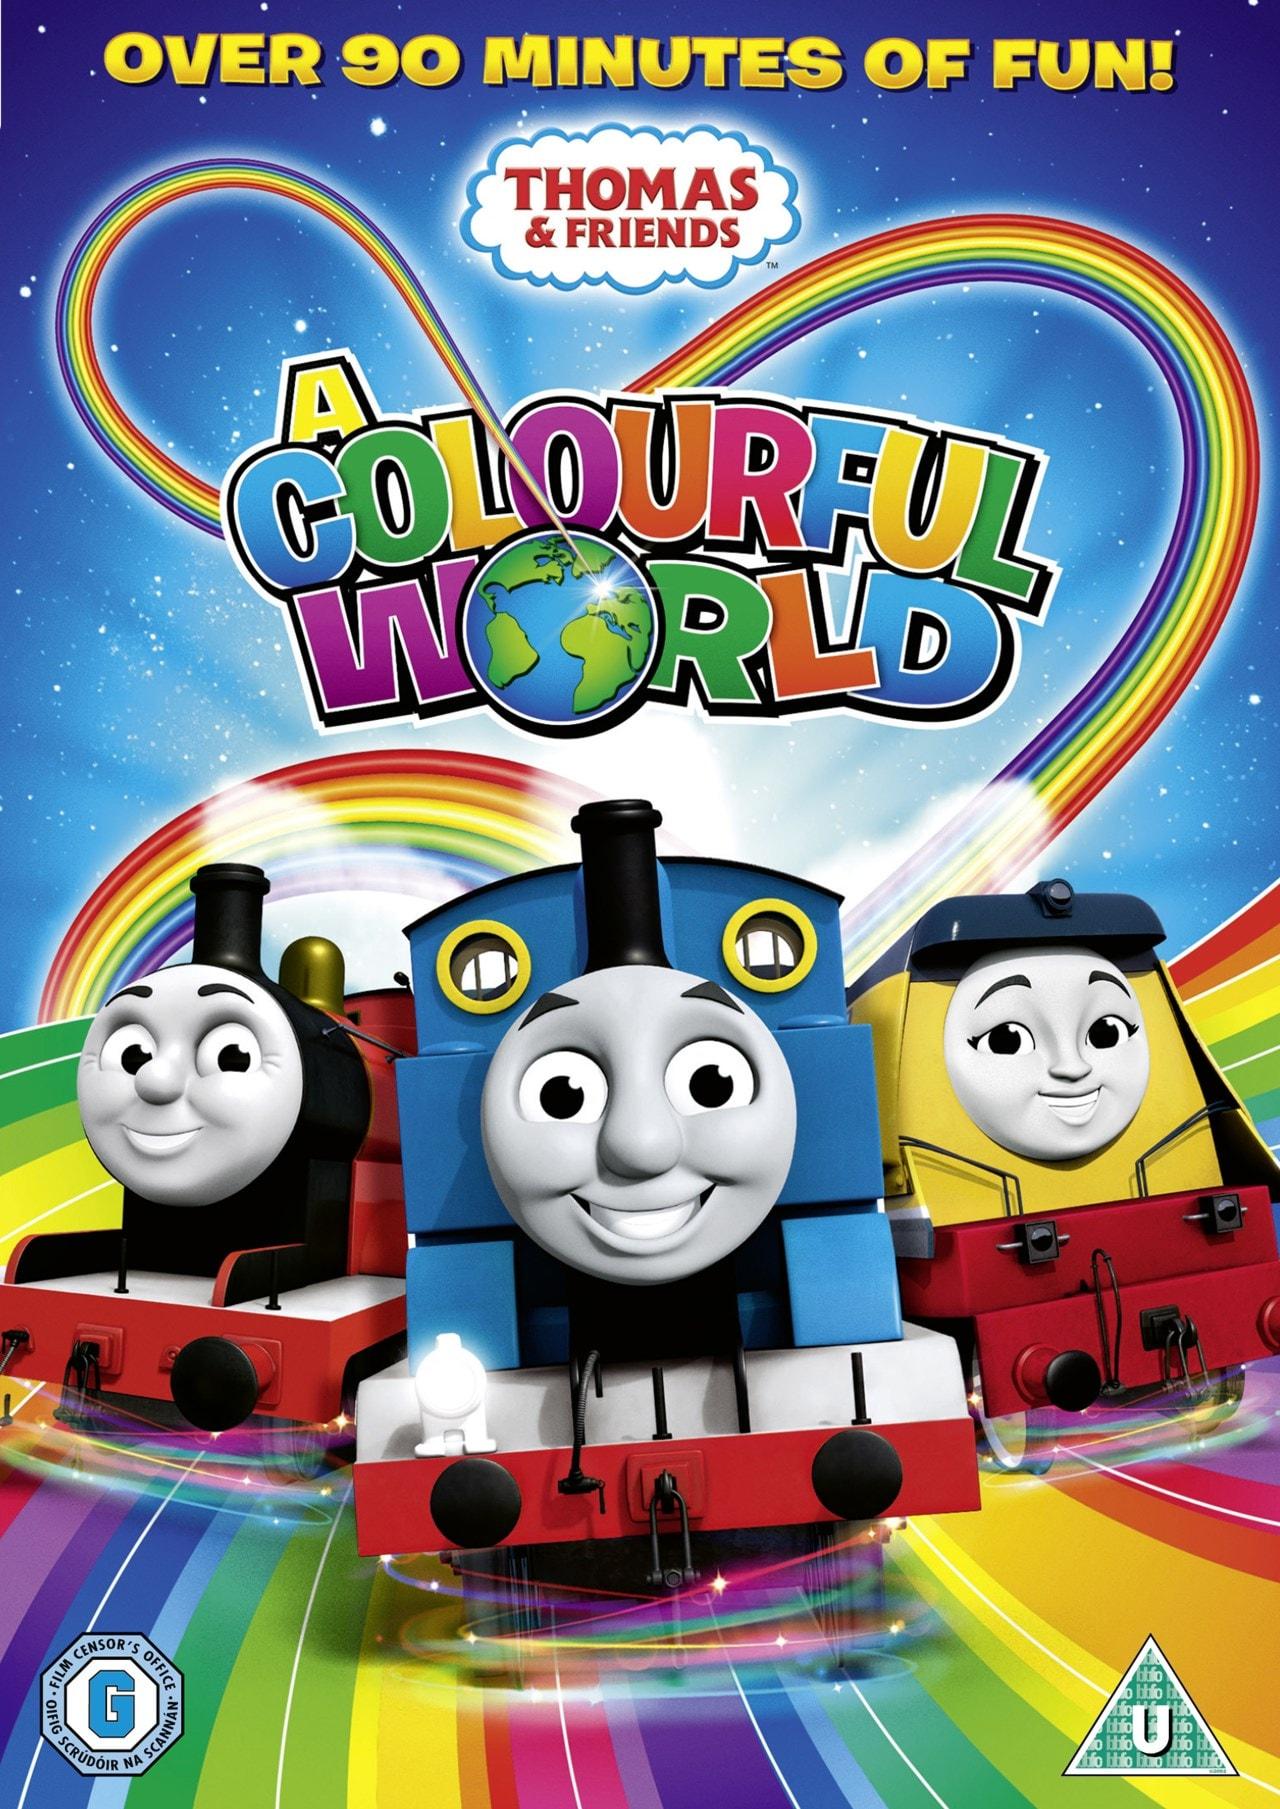 Thomas & Friends: A Colourful World - 1